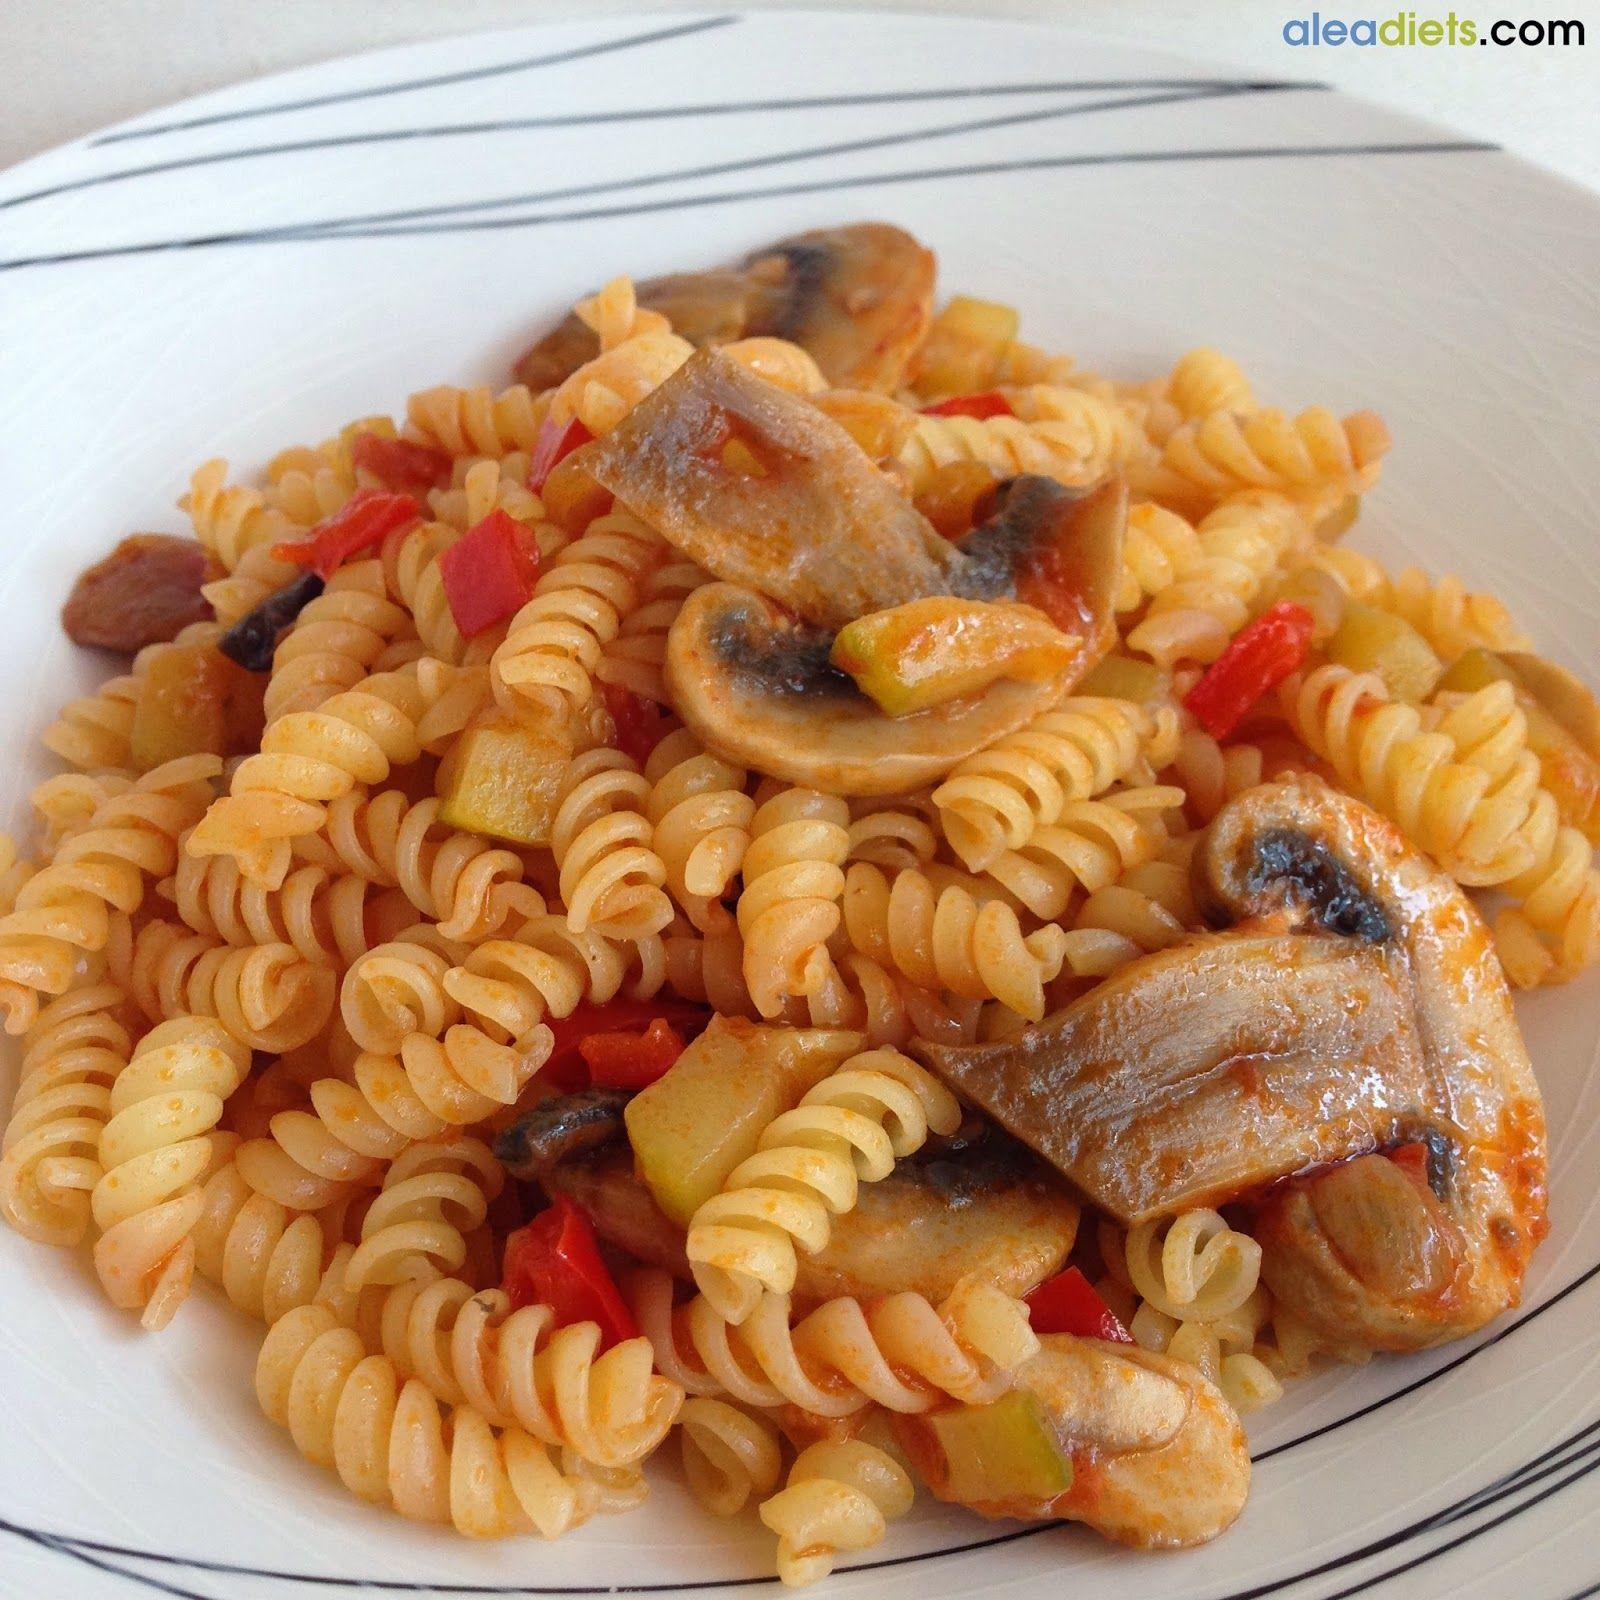 alimentacion para bajar de peso y macaroni grillo